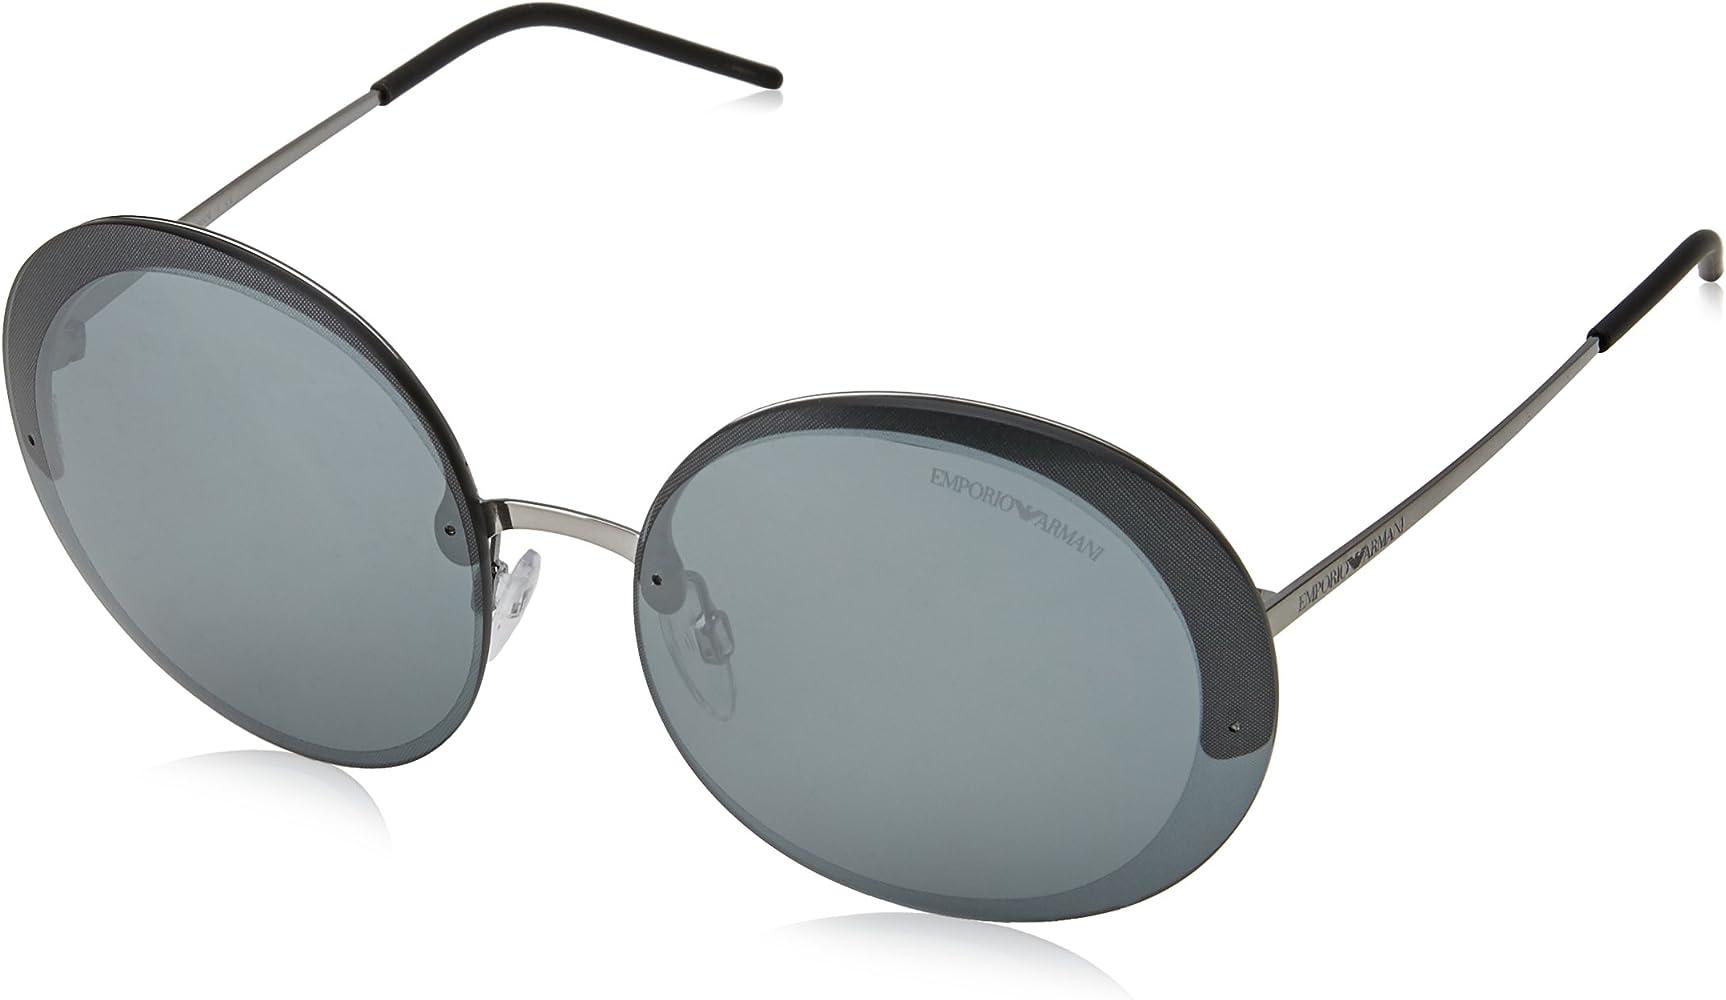 54a8b3f198 Emporio Armani Earmani 2044 Gafas de sol, Gunmetal 30106G, 61 Unisex-Adulto